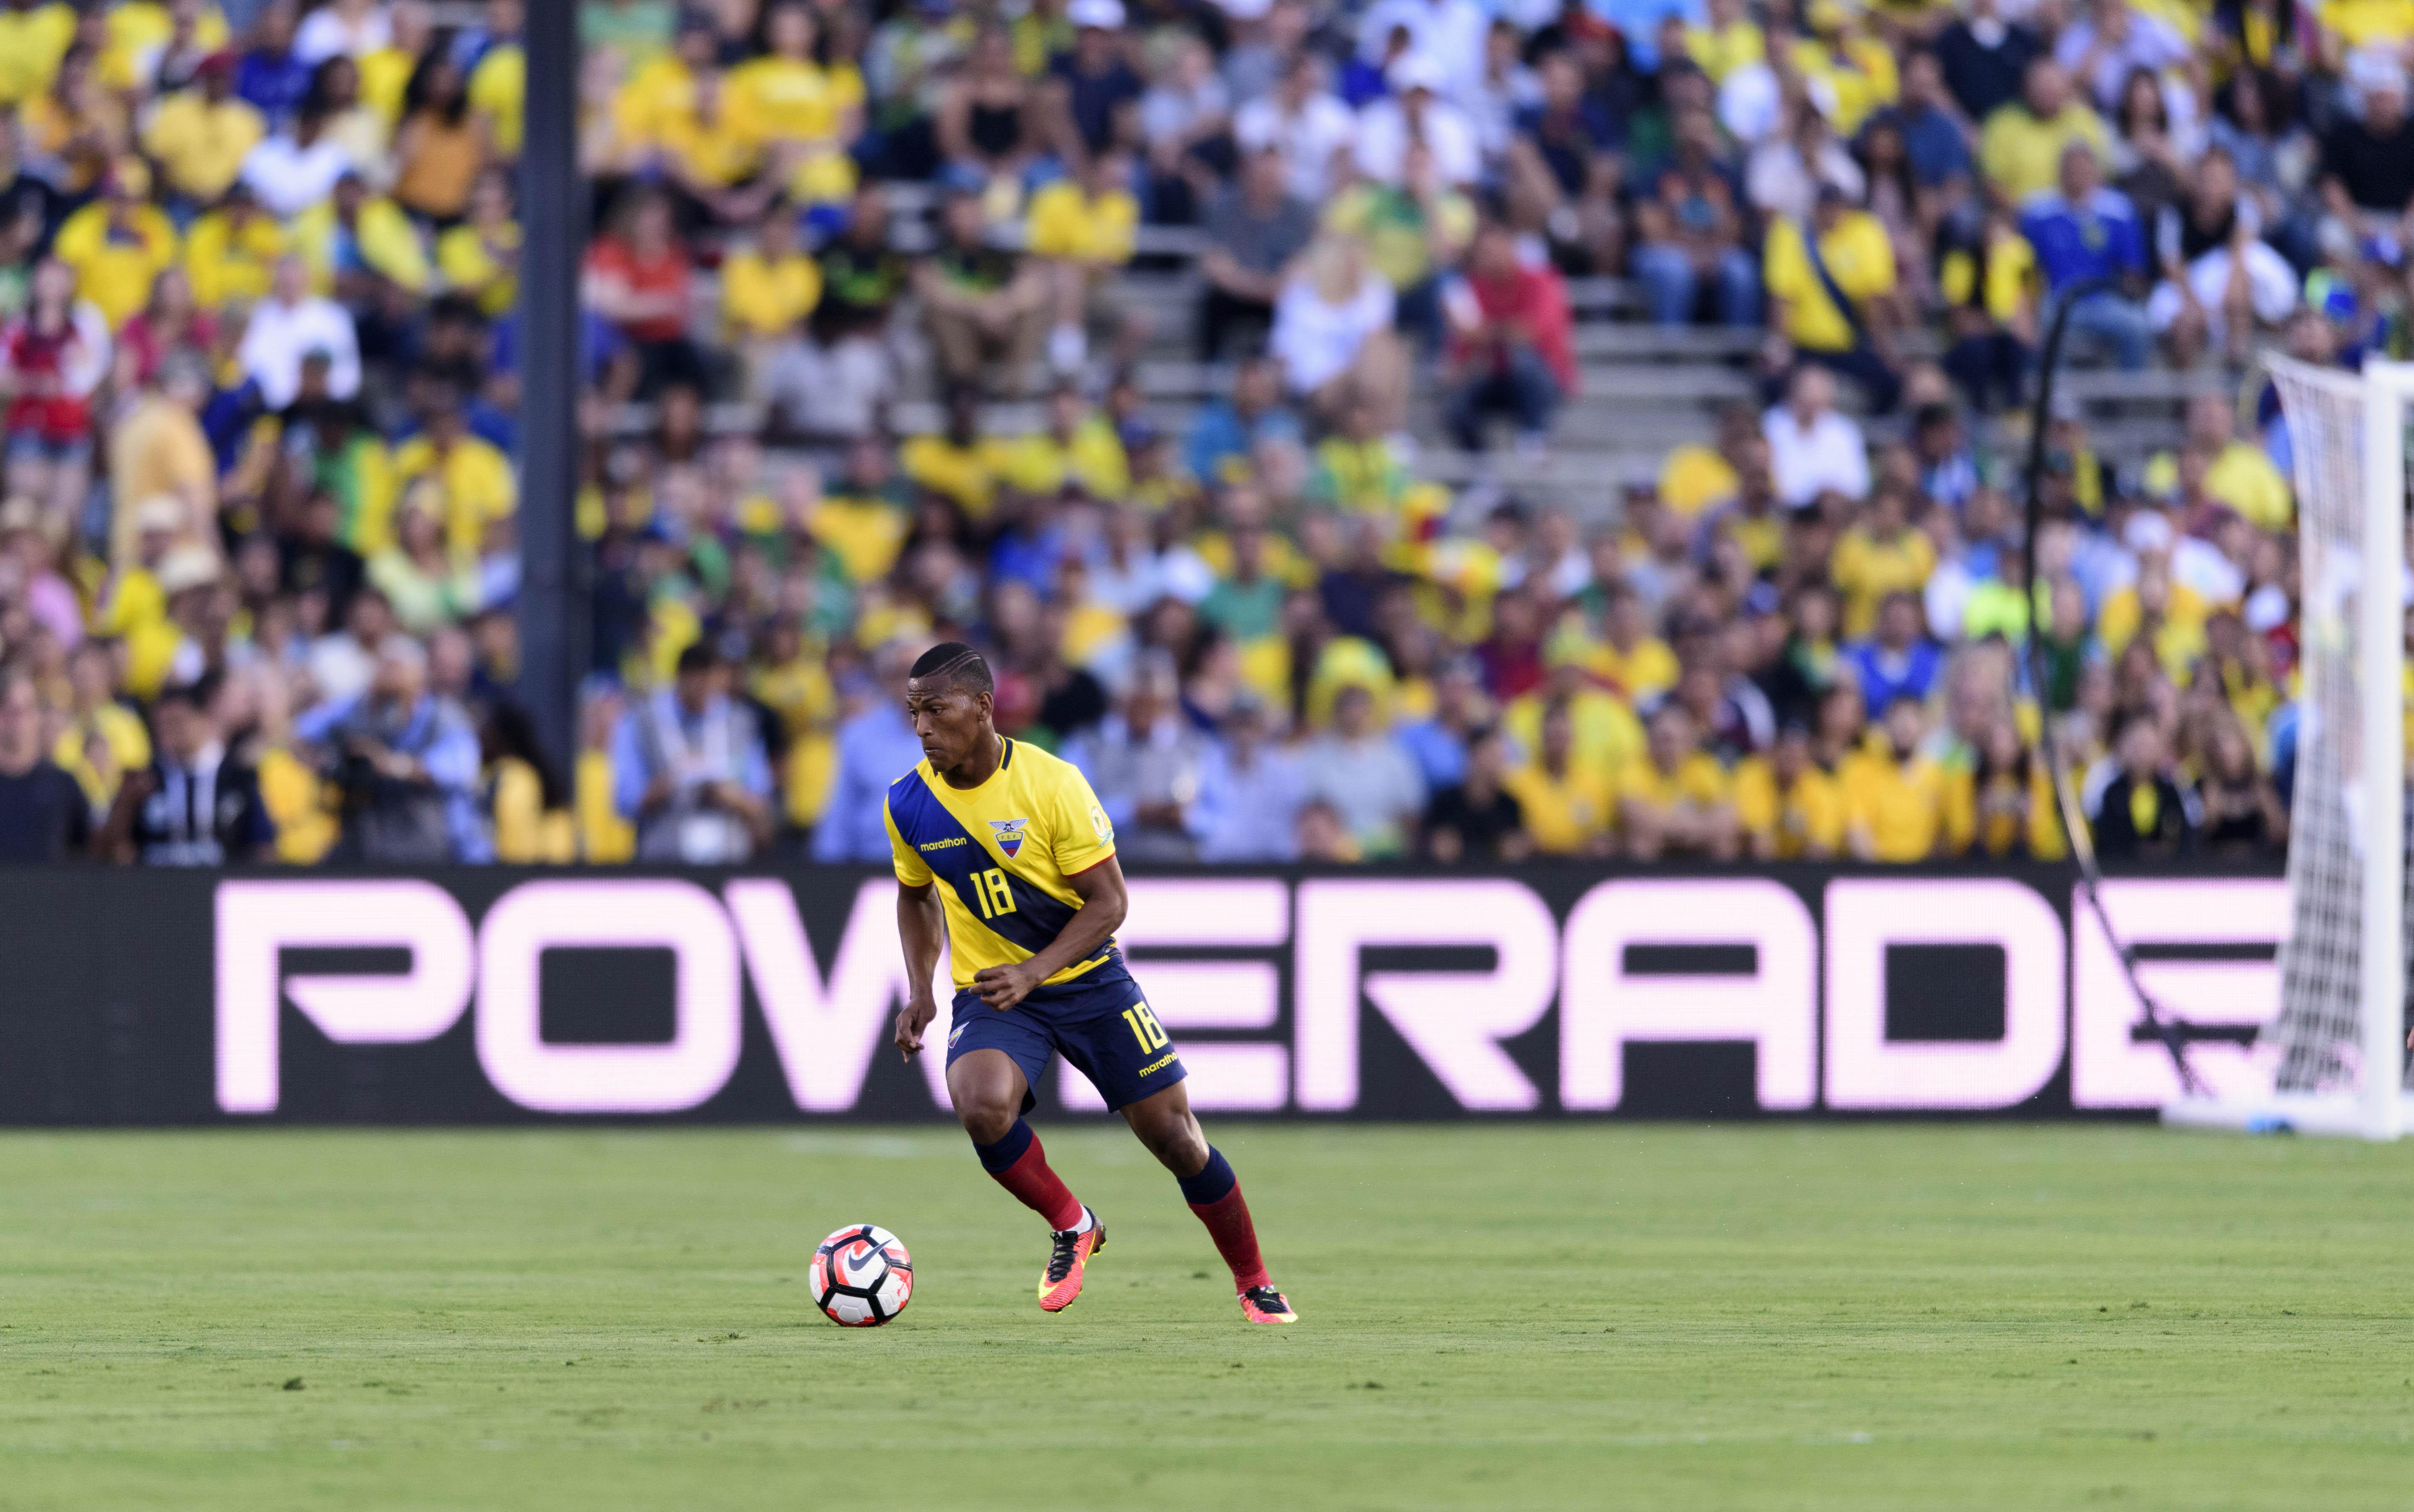 Soccer: 2016 Copa America Centenario-Ecuador  at Brazil